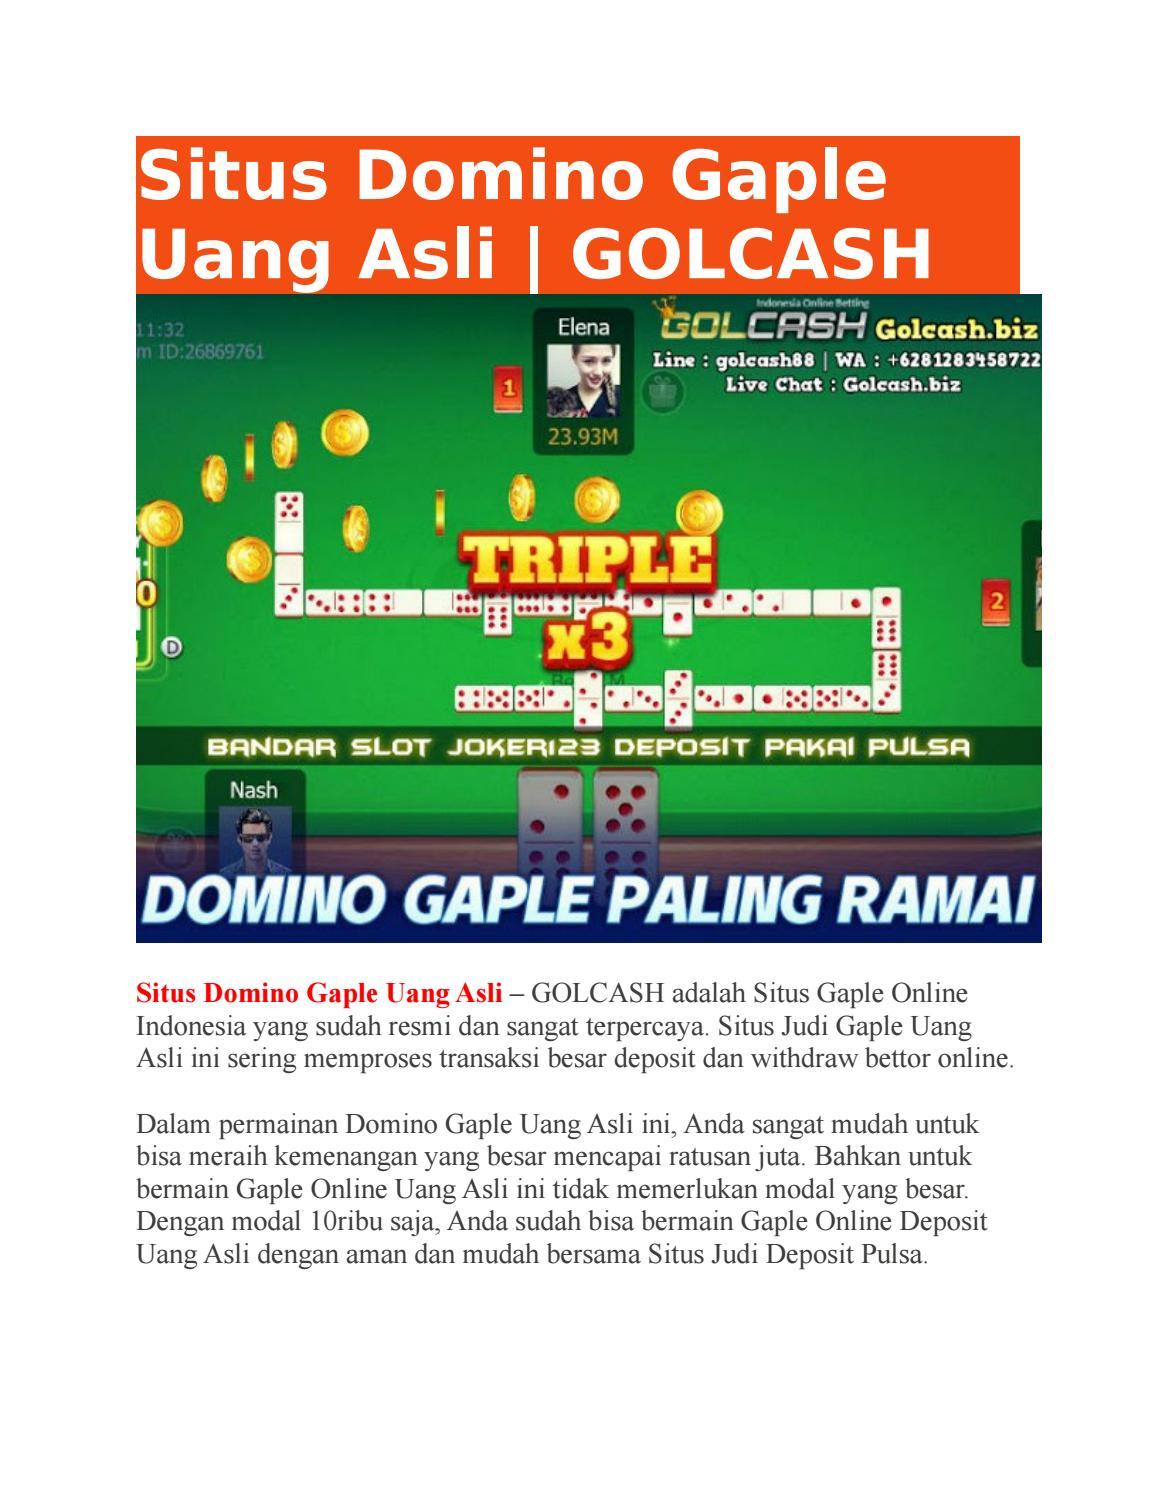 Situs Domino Gaple Uang Asli Golcash By Golcash Issuu